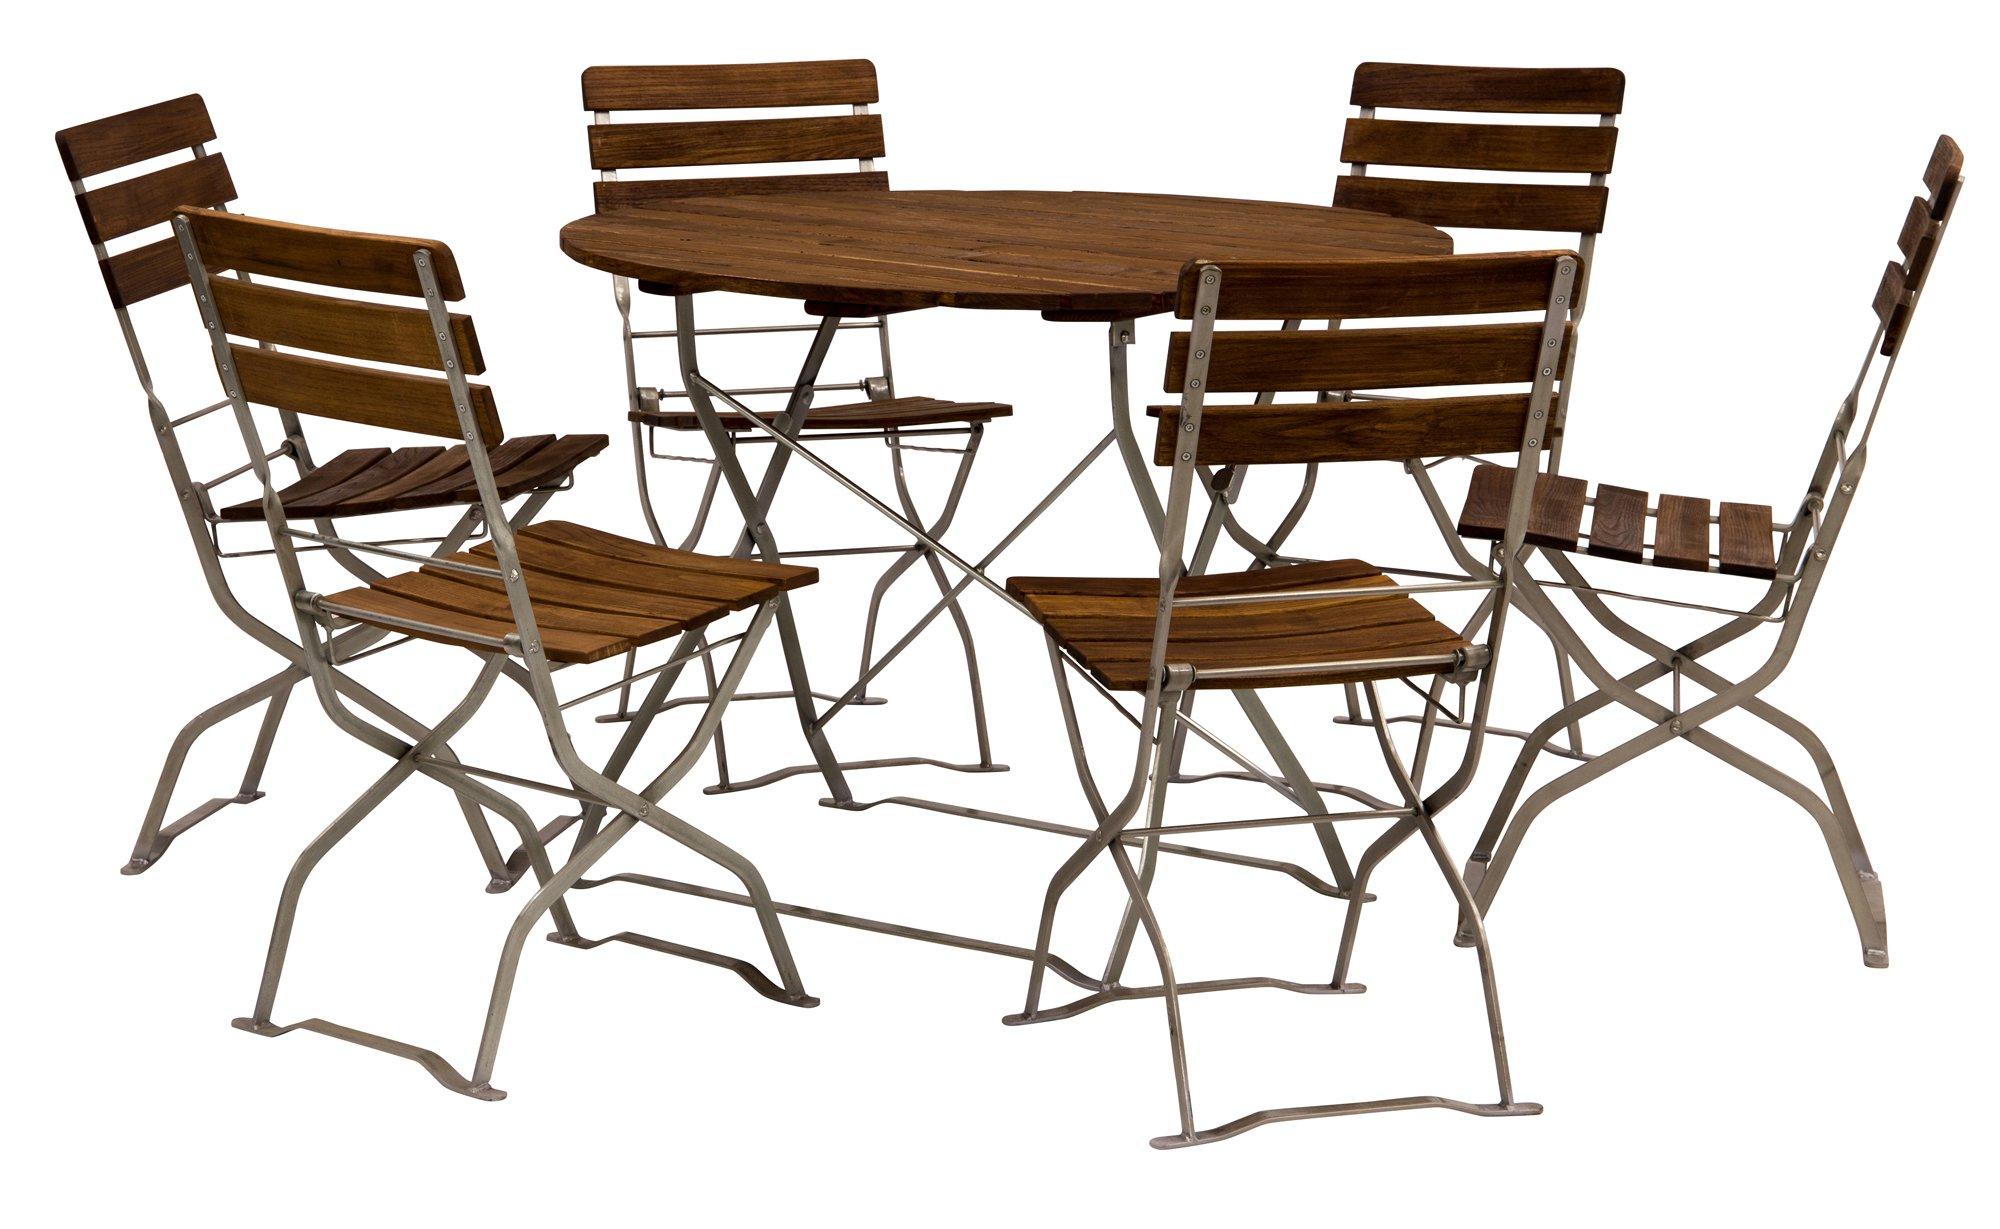 Wunderbar Rundküchentisch Und Stühle Für 8 Bilder - Küchen Ideen ...